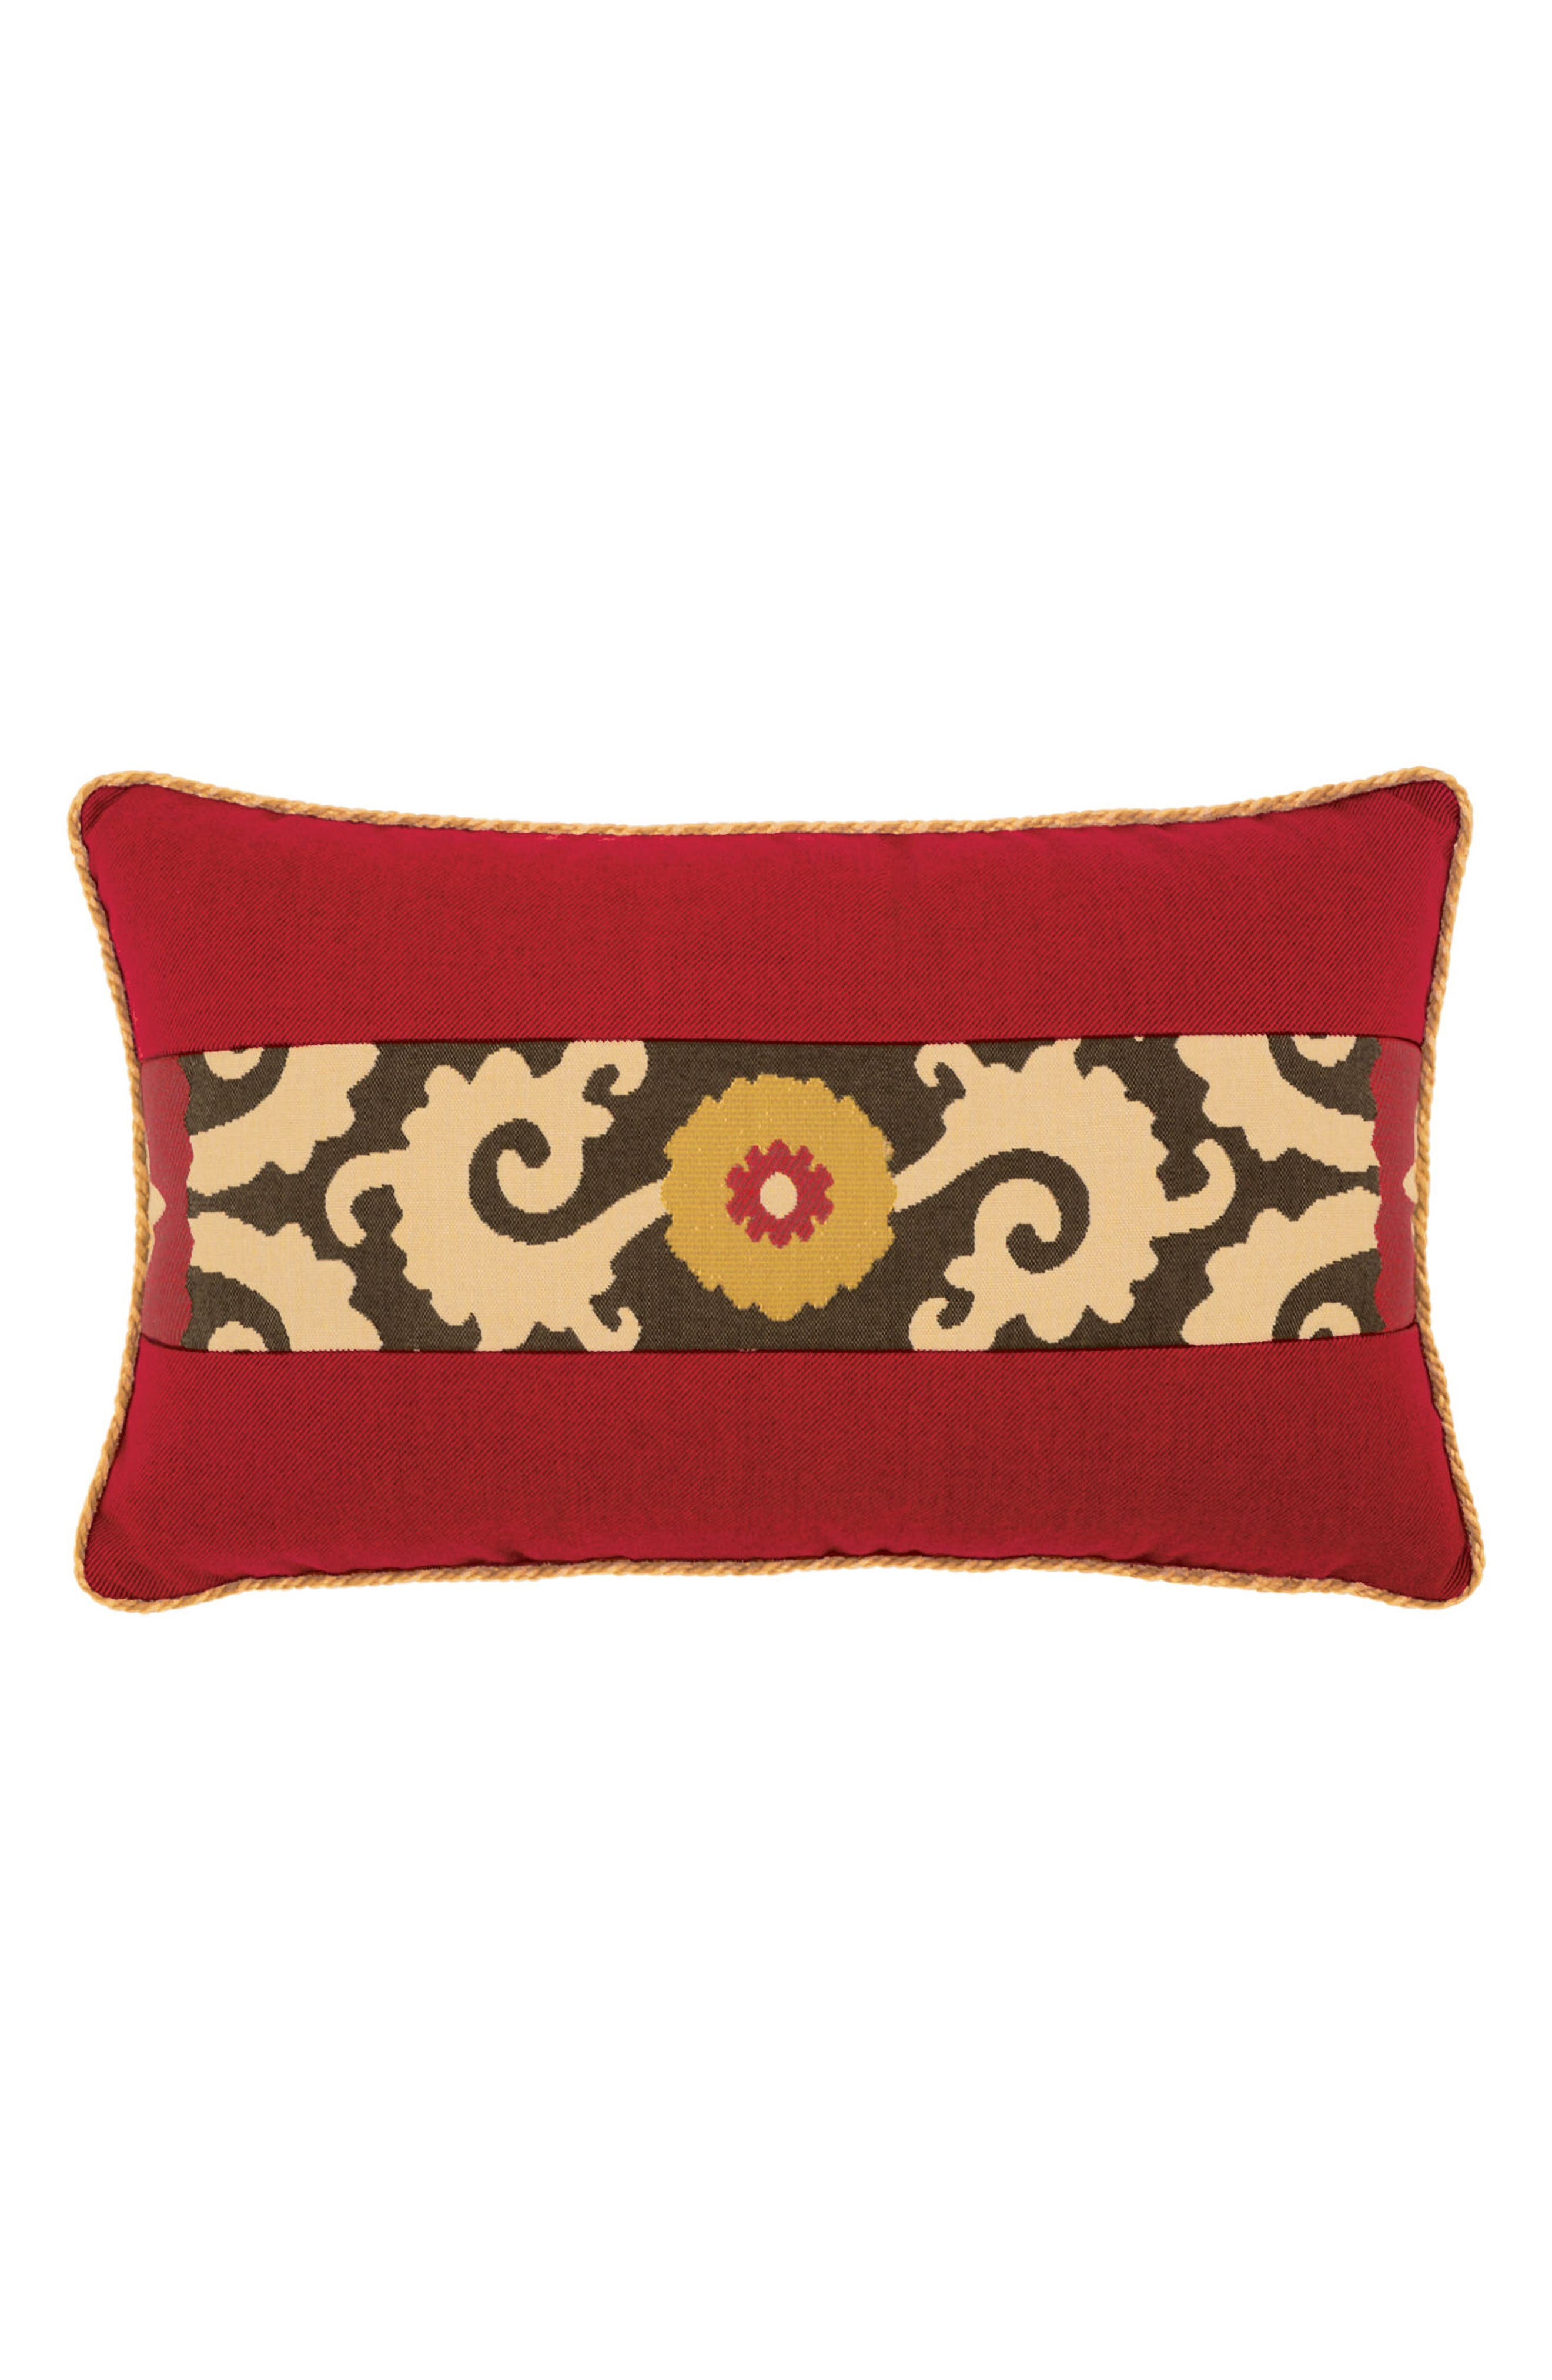 Elaine Smith Suzani Sun Lumbar Pillow